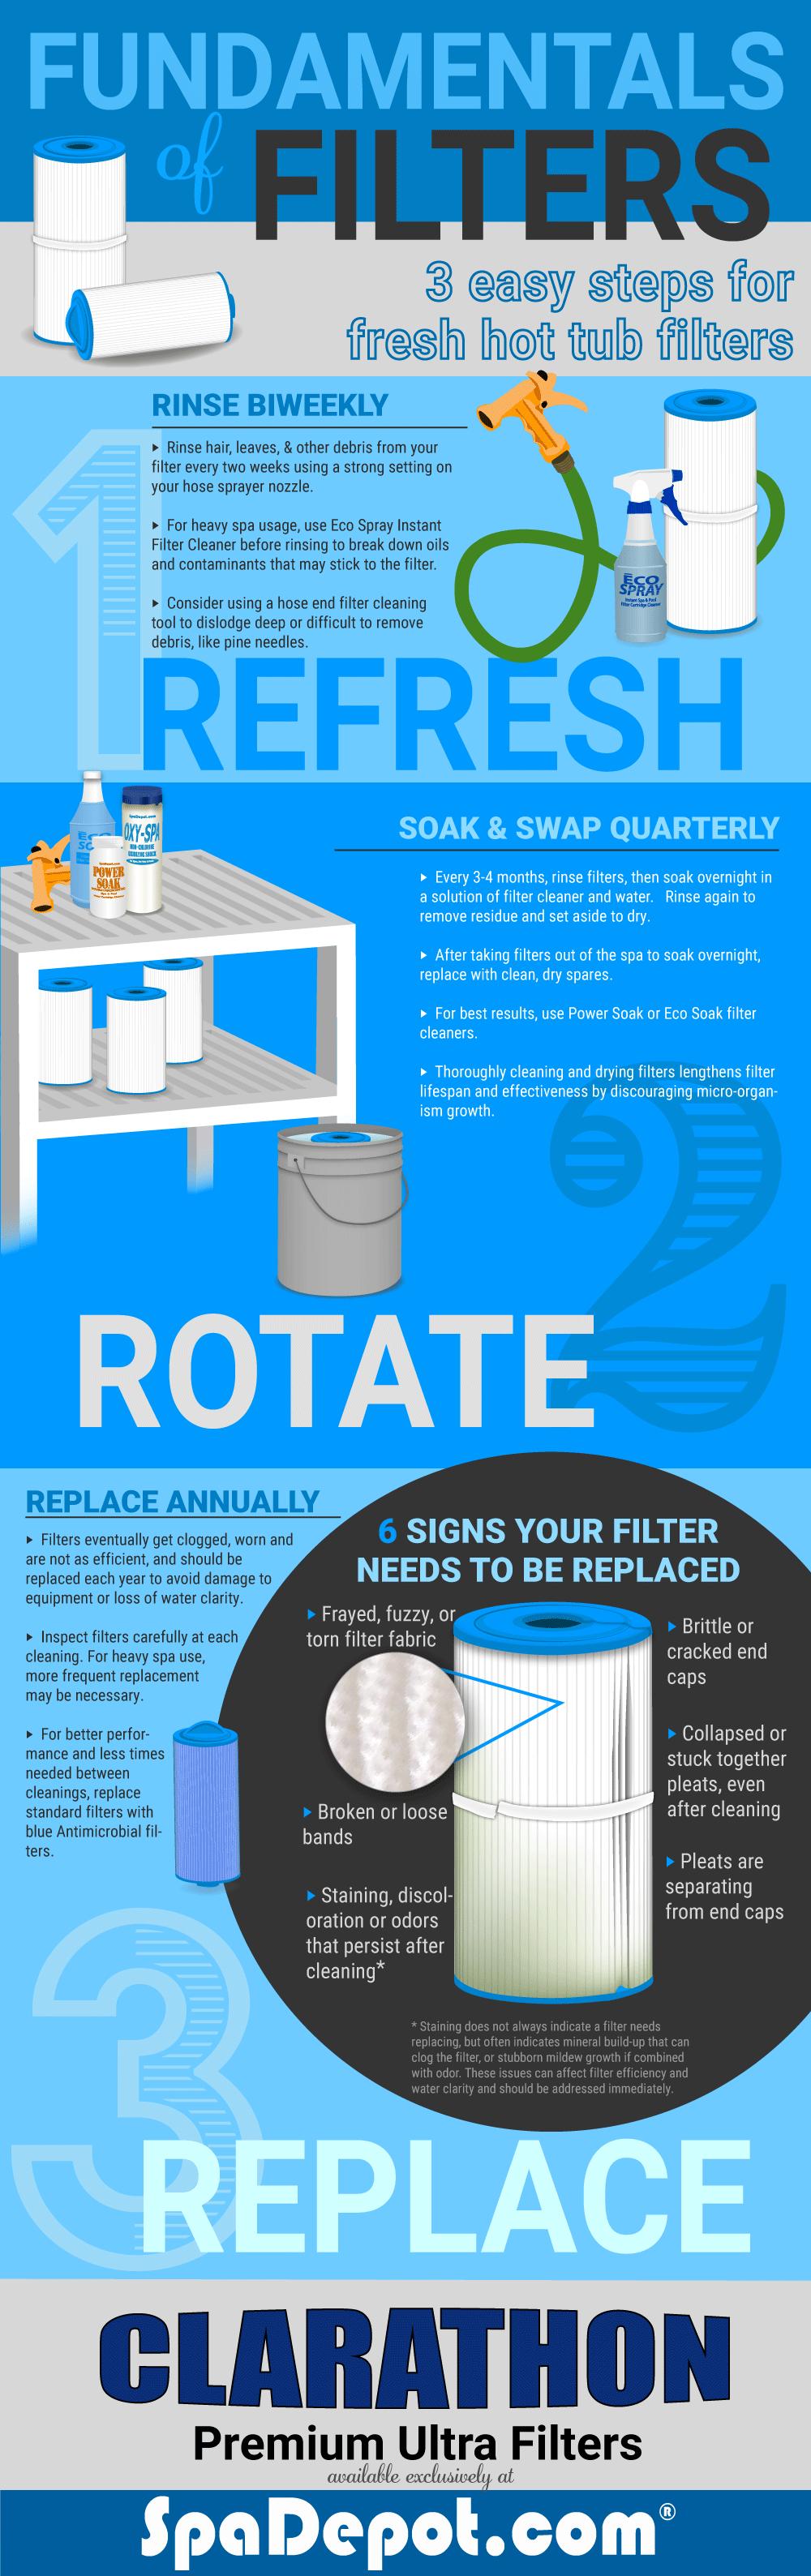 2019-05-14-FOF-Infographic